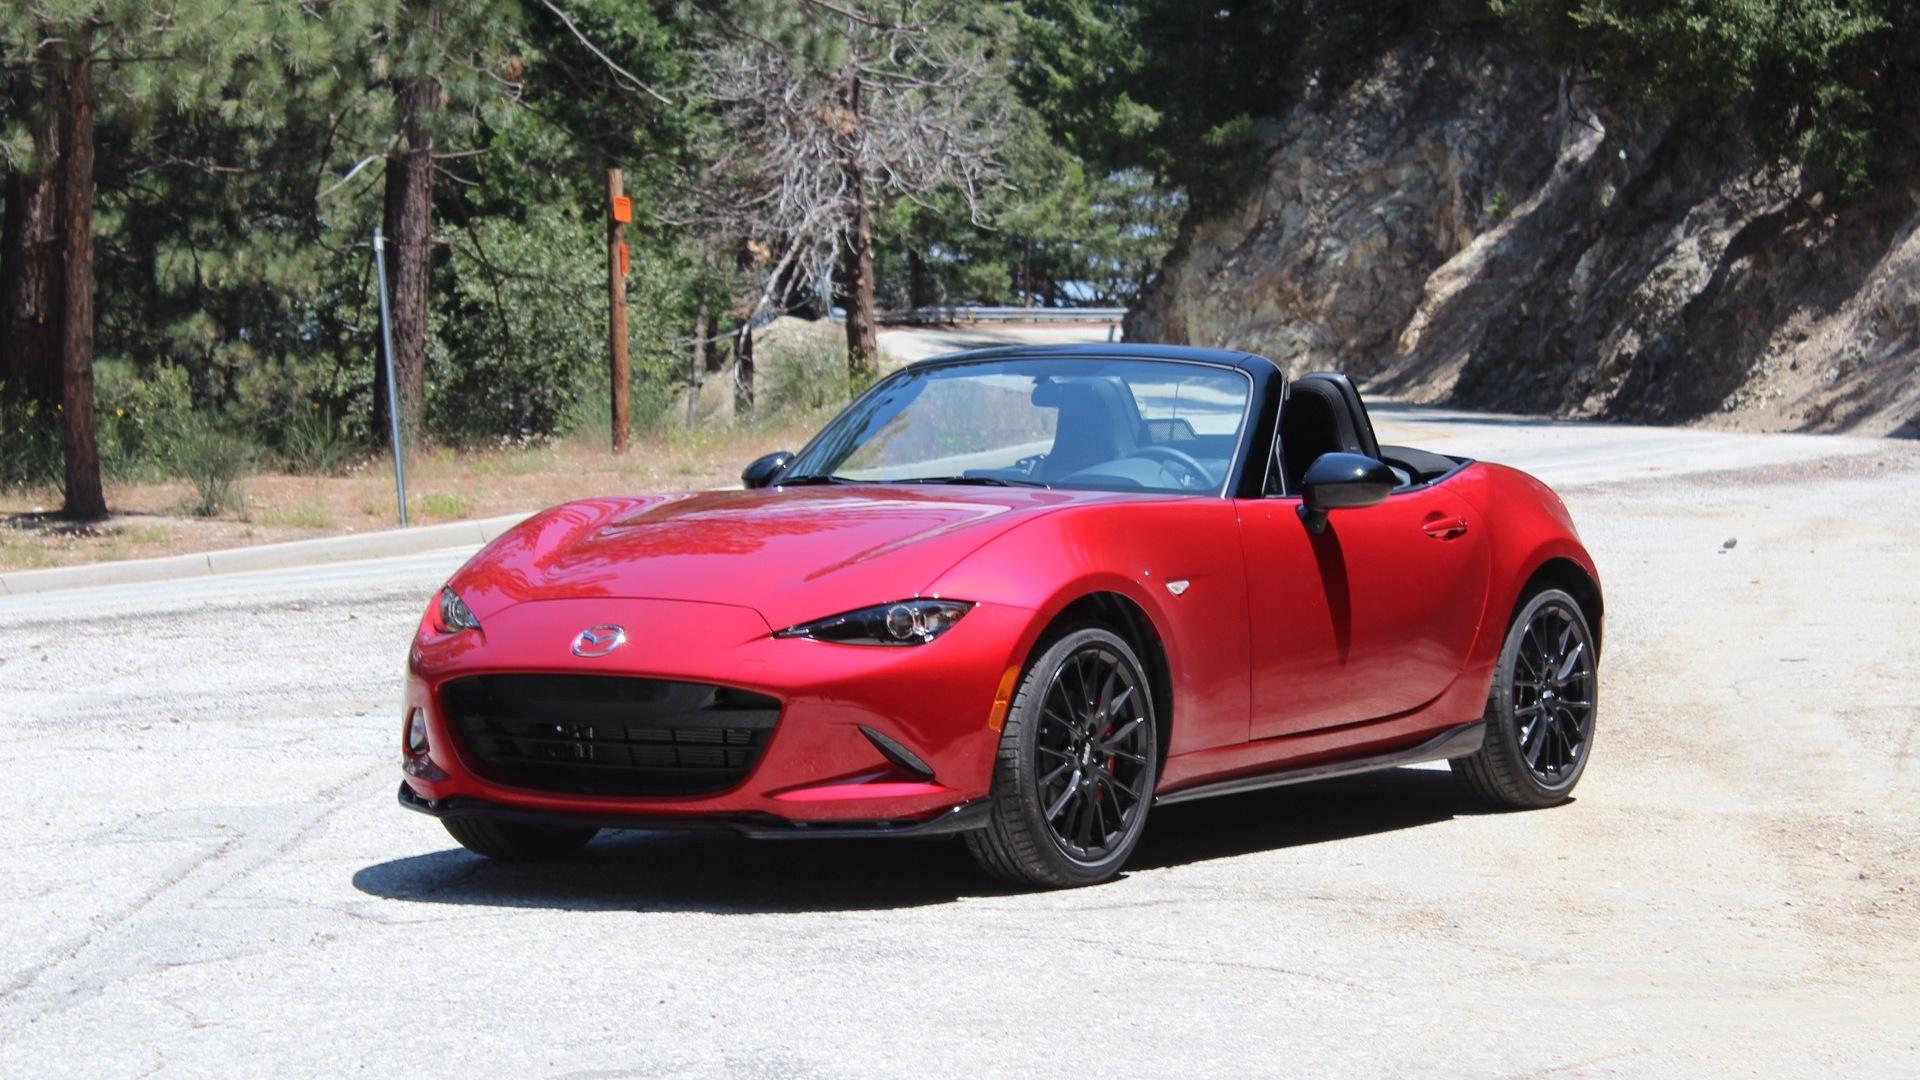 2016 Mazda MX-5 Miata  -  First Drive, July 2015